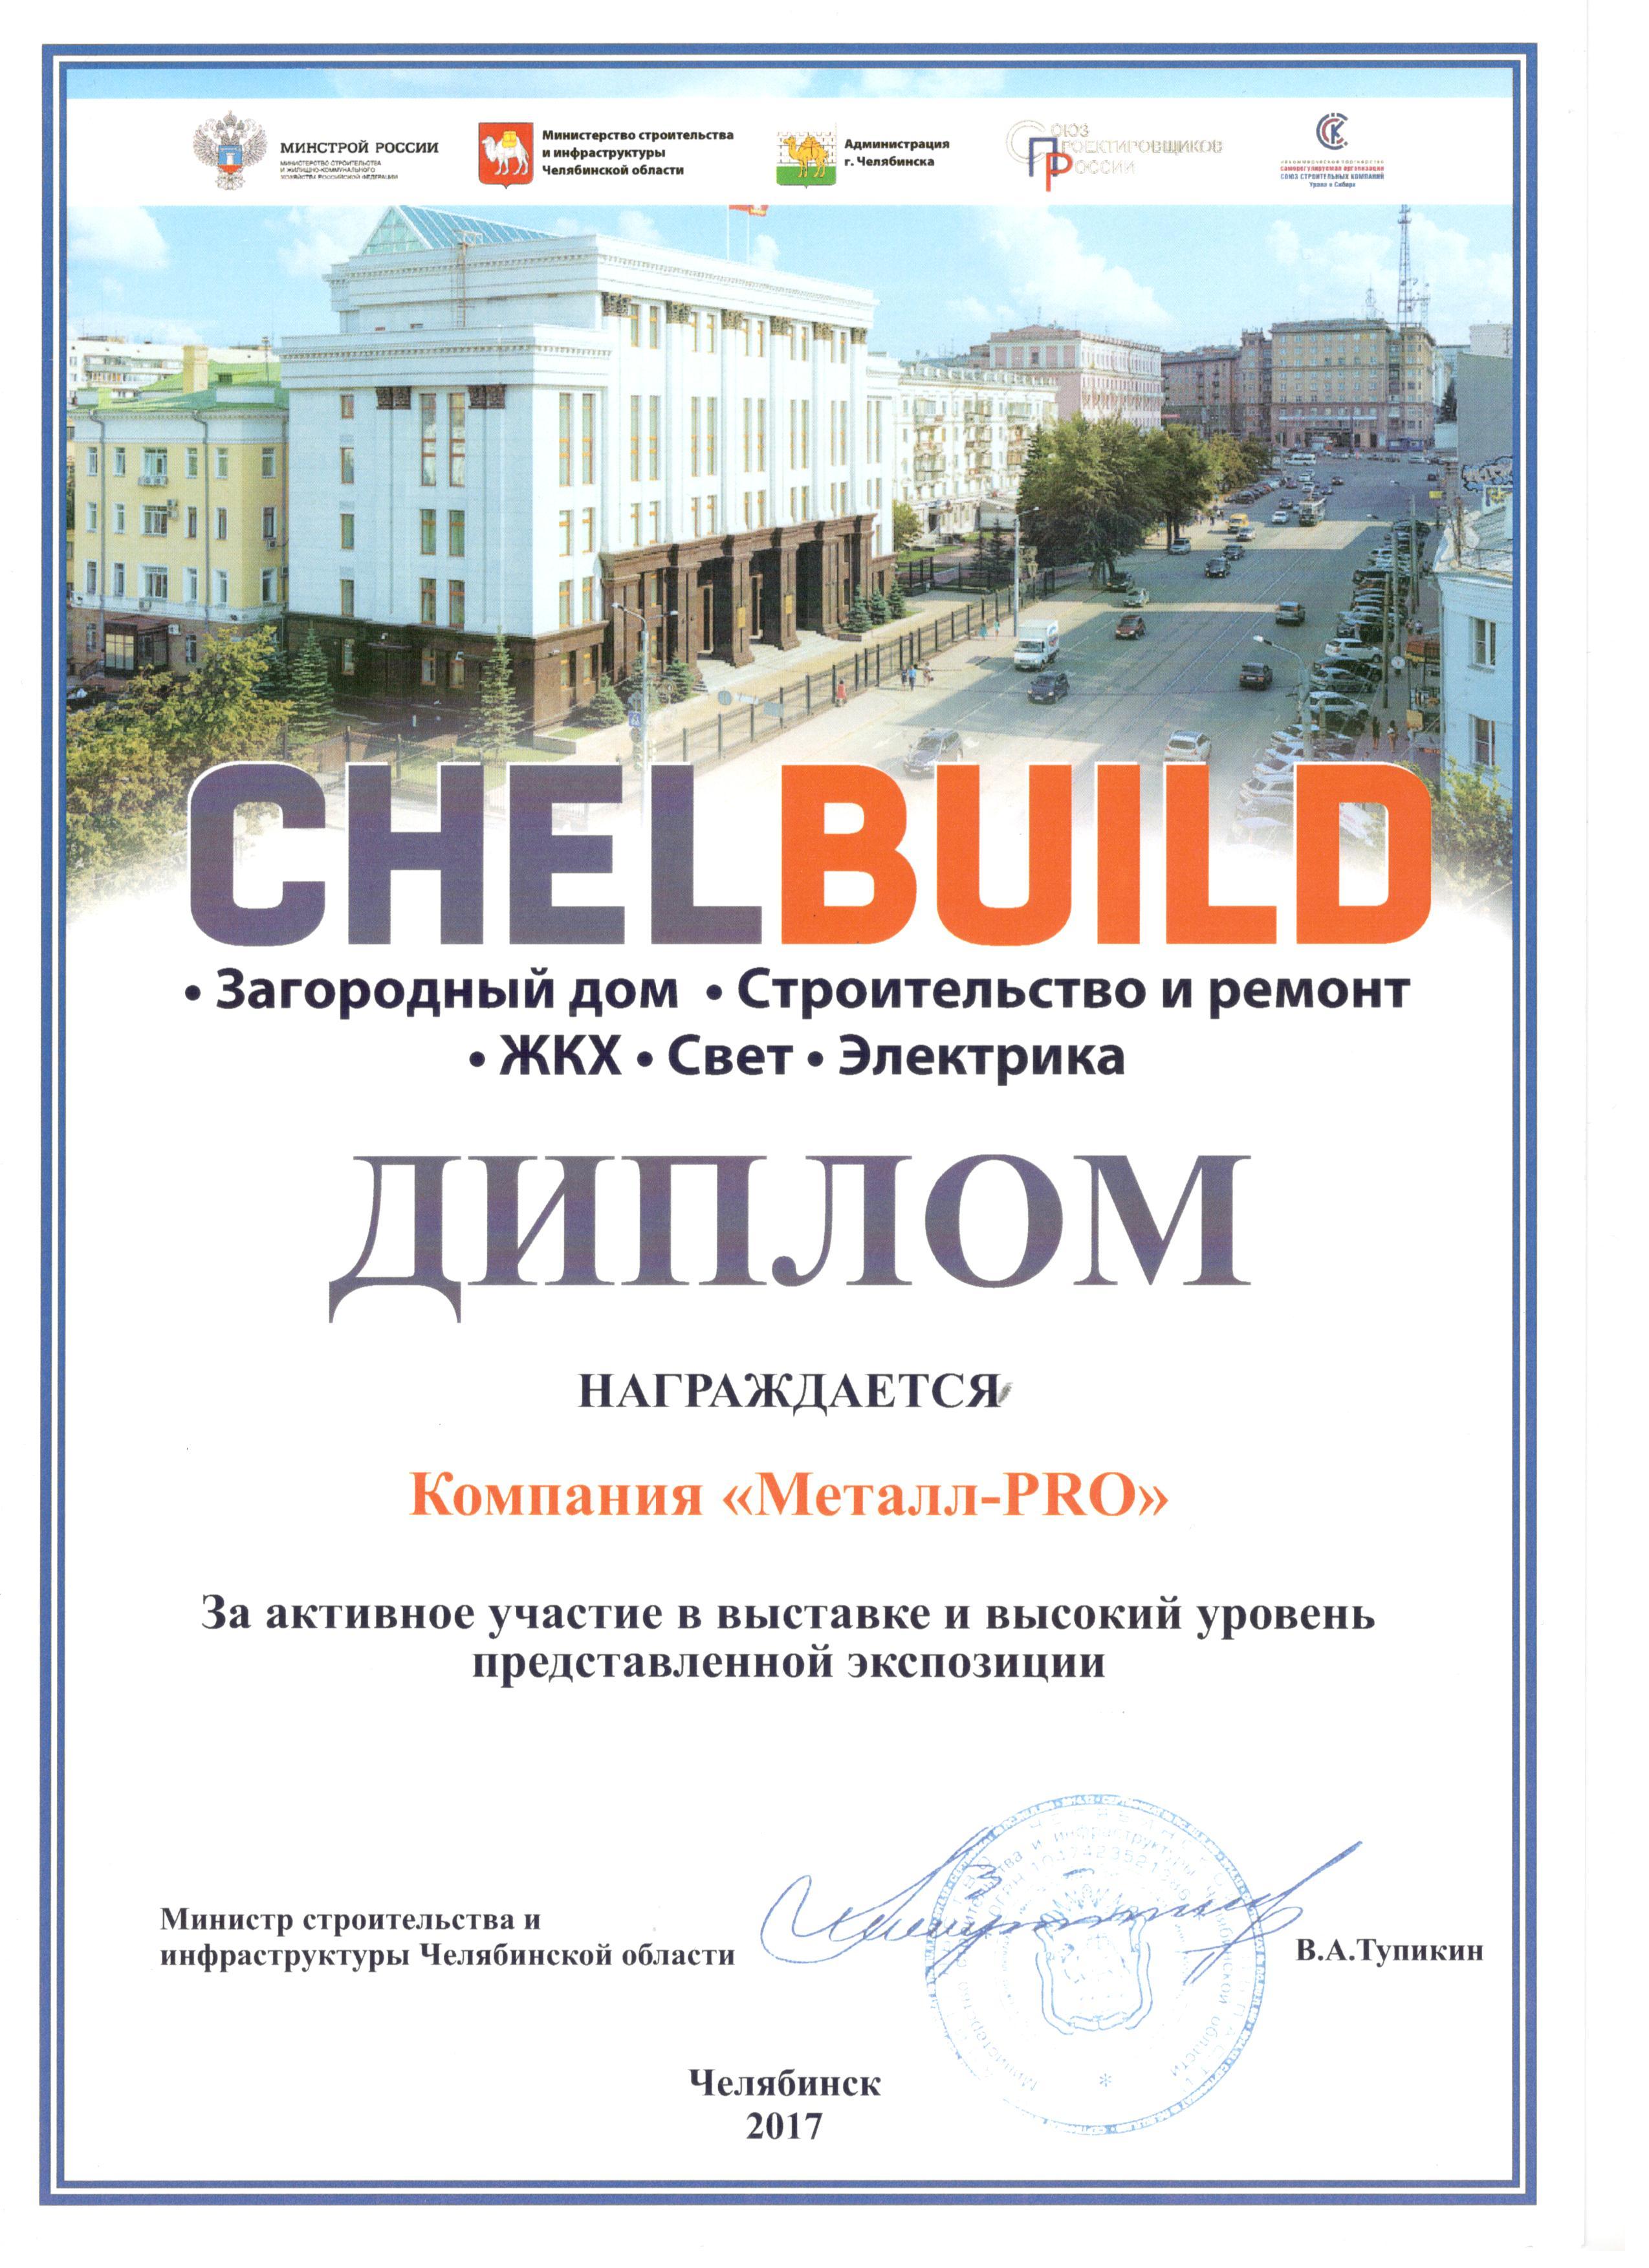 Металл-ПРО Челябинск у нас Вы можете купить металлопрокат от производителя!